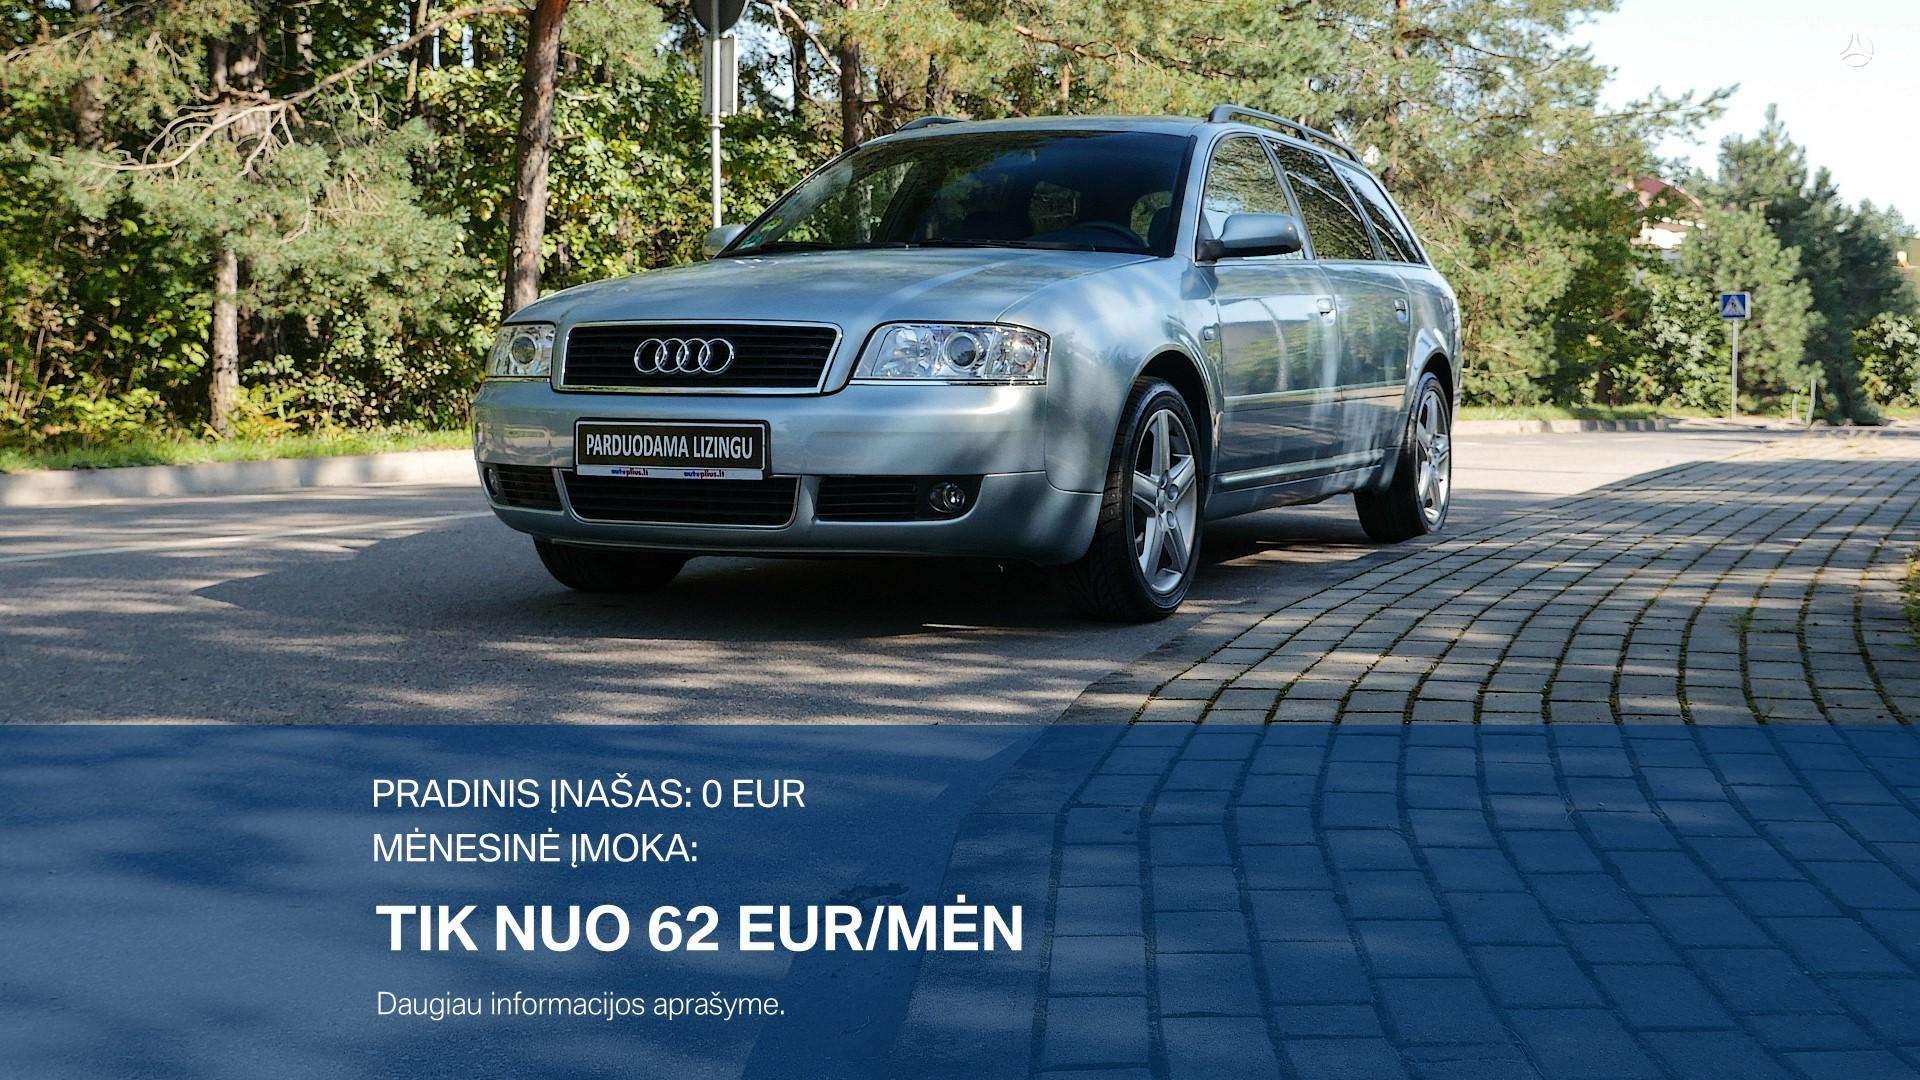 Audi A6 Išsimokėtai nuo 62Eur/Mėn su 3 mėnesių garantija